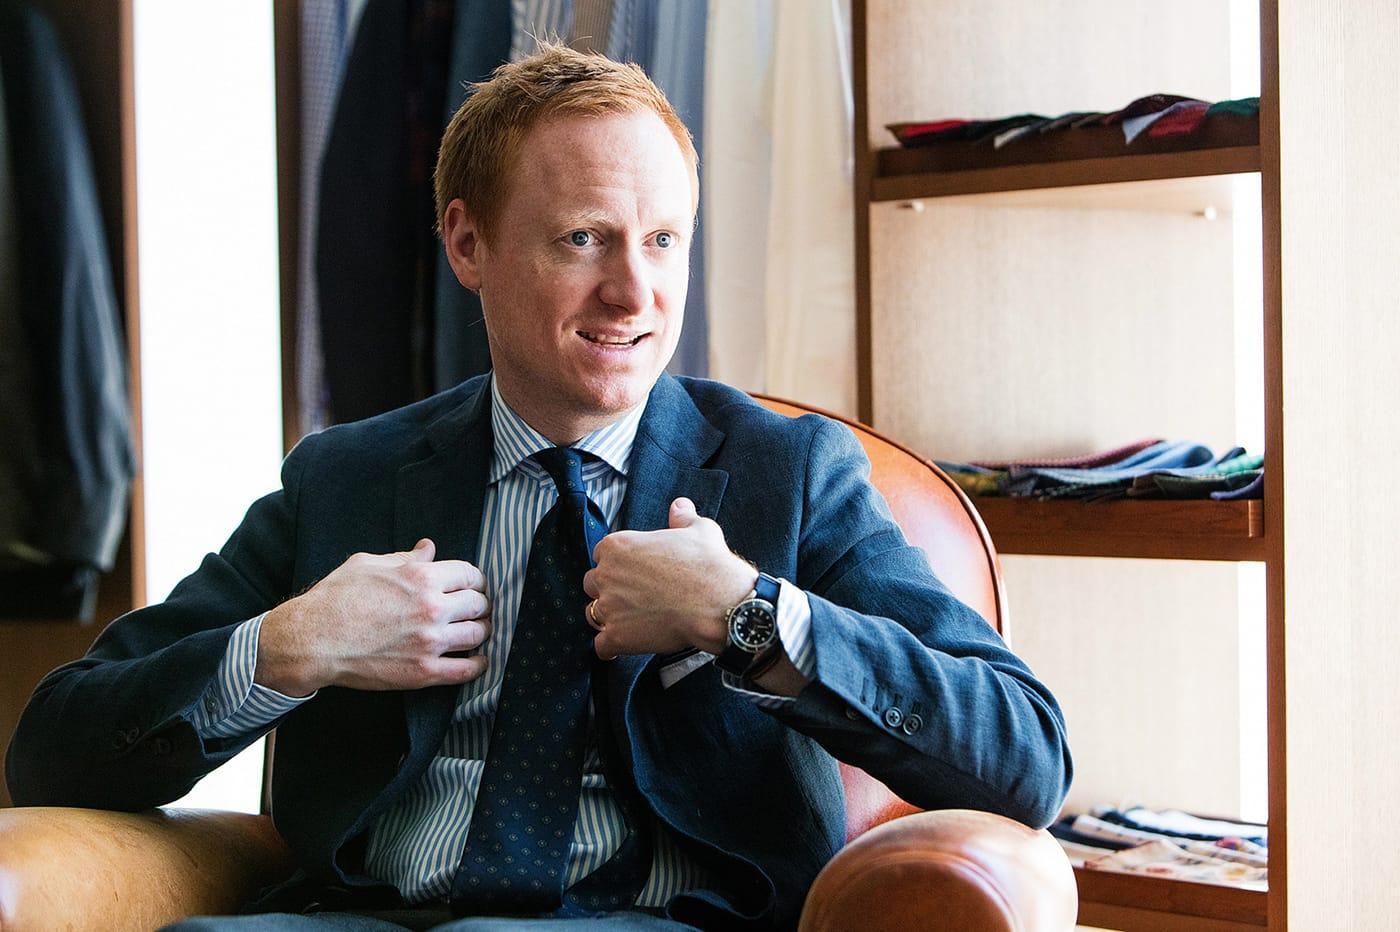 マイケル・ヒル氏にとっての良いネクタイとは